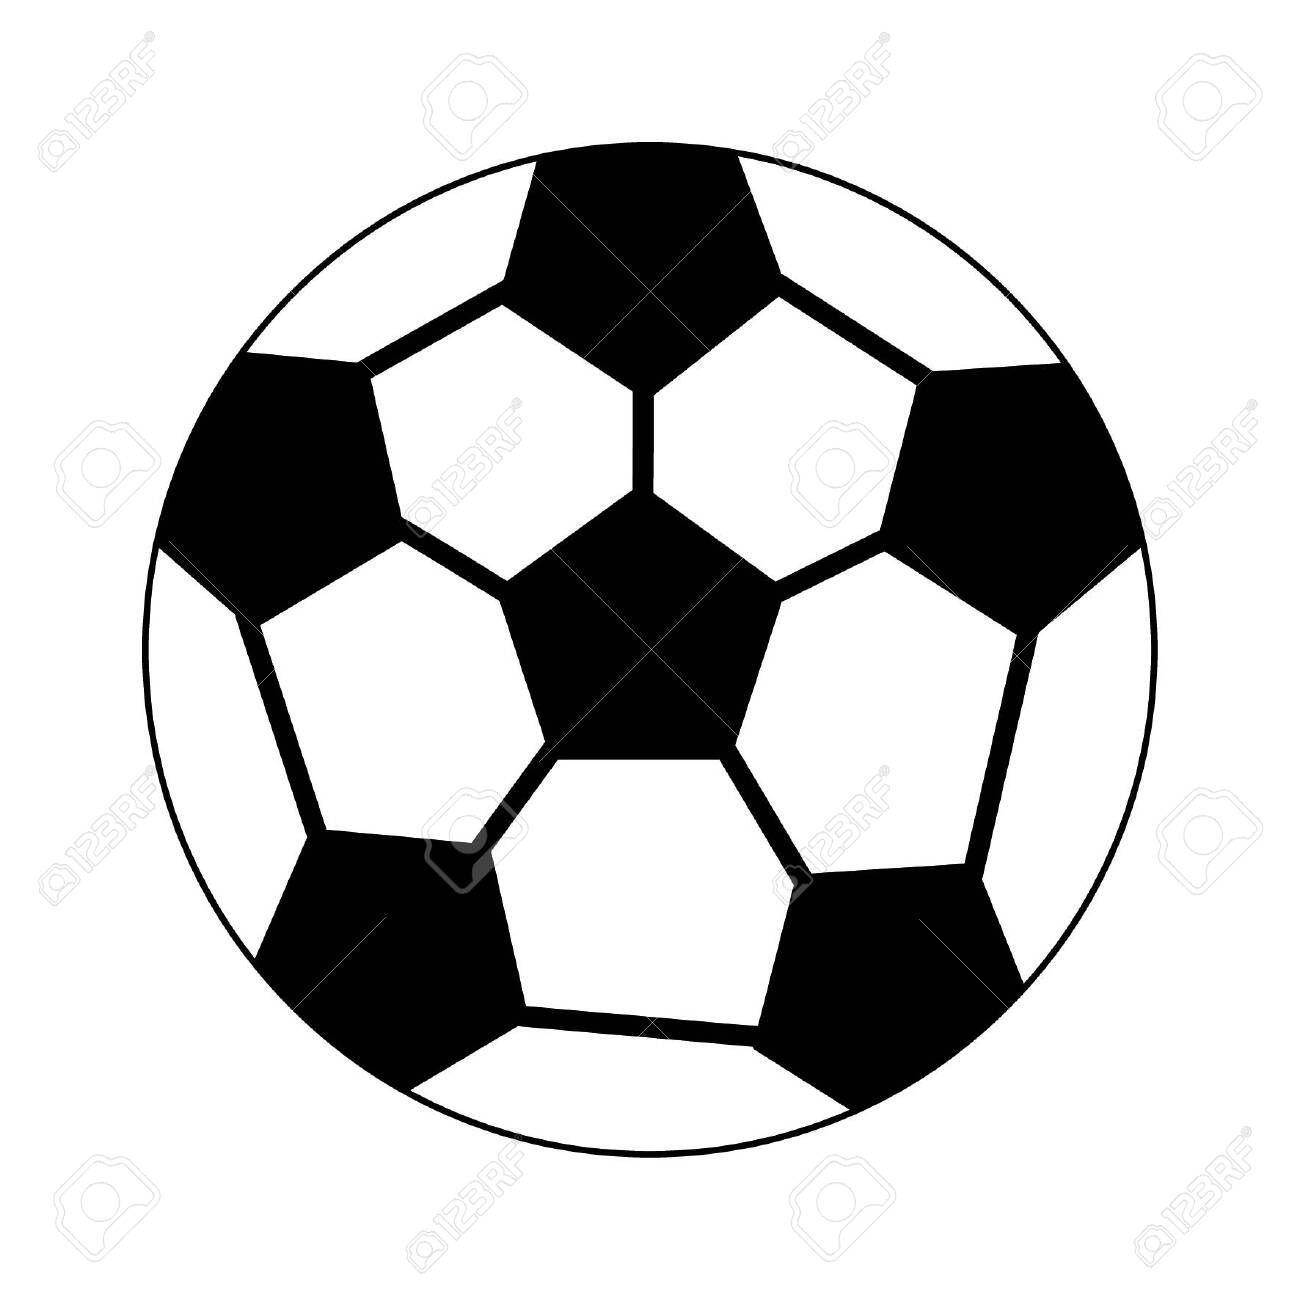 Soccer Ball Sport Cartoon Vector Illustration Graphic Design Sponsored Sport Cartoon Soccer Ball Graphic In 2020 With Images Soccer Ball Cartoons Vector Soccer